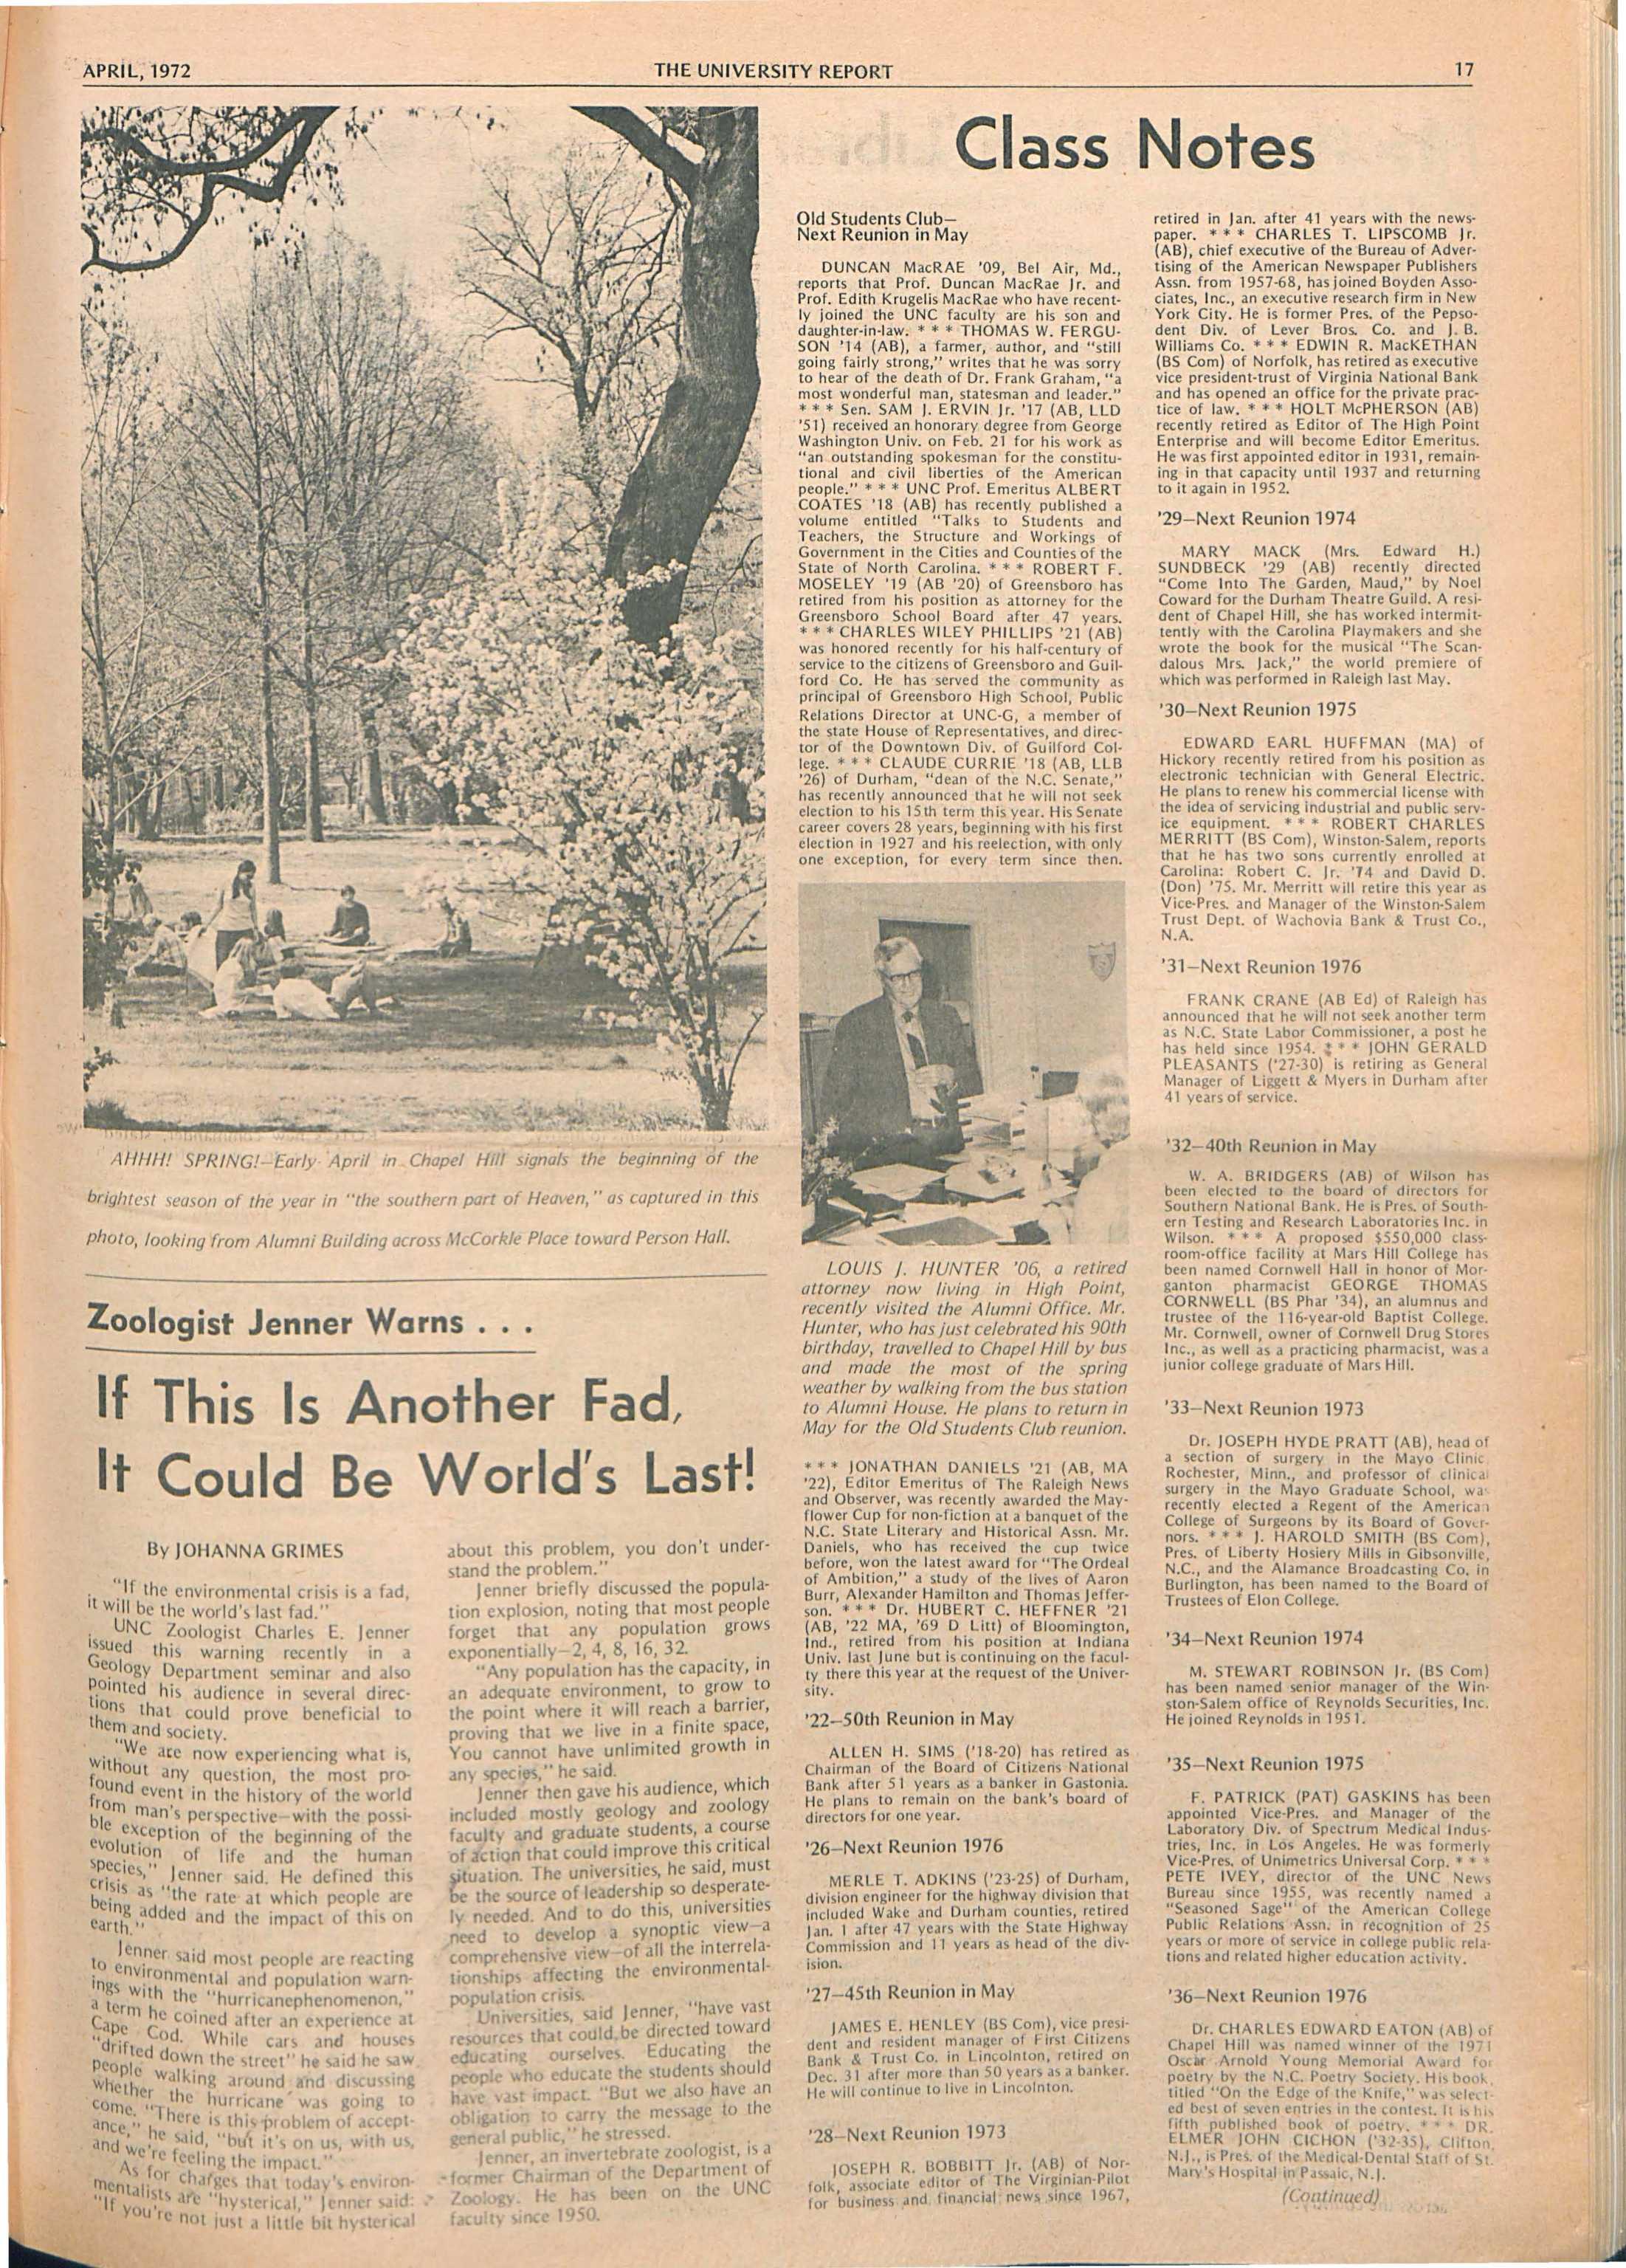 de19a40344 The University Report - April 1972 - page 17